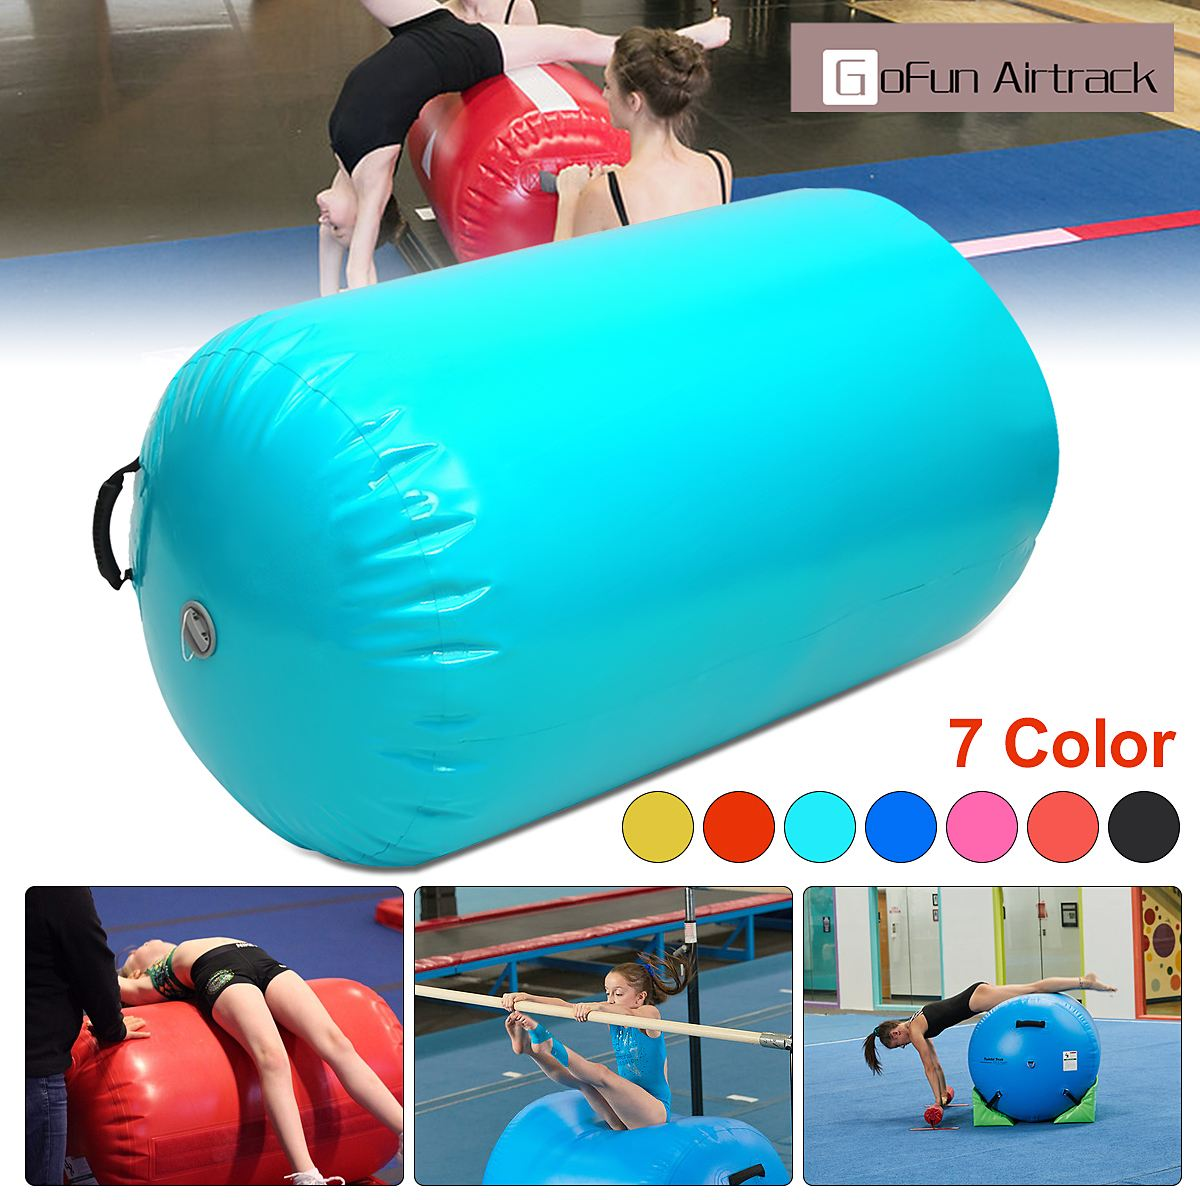 Она AirTrack цилиндр воздуха акробатика трек гимнастические Колонка надувные тренажерный зал перевернутый Backflip обучения детей безопасный